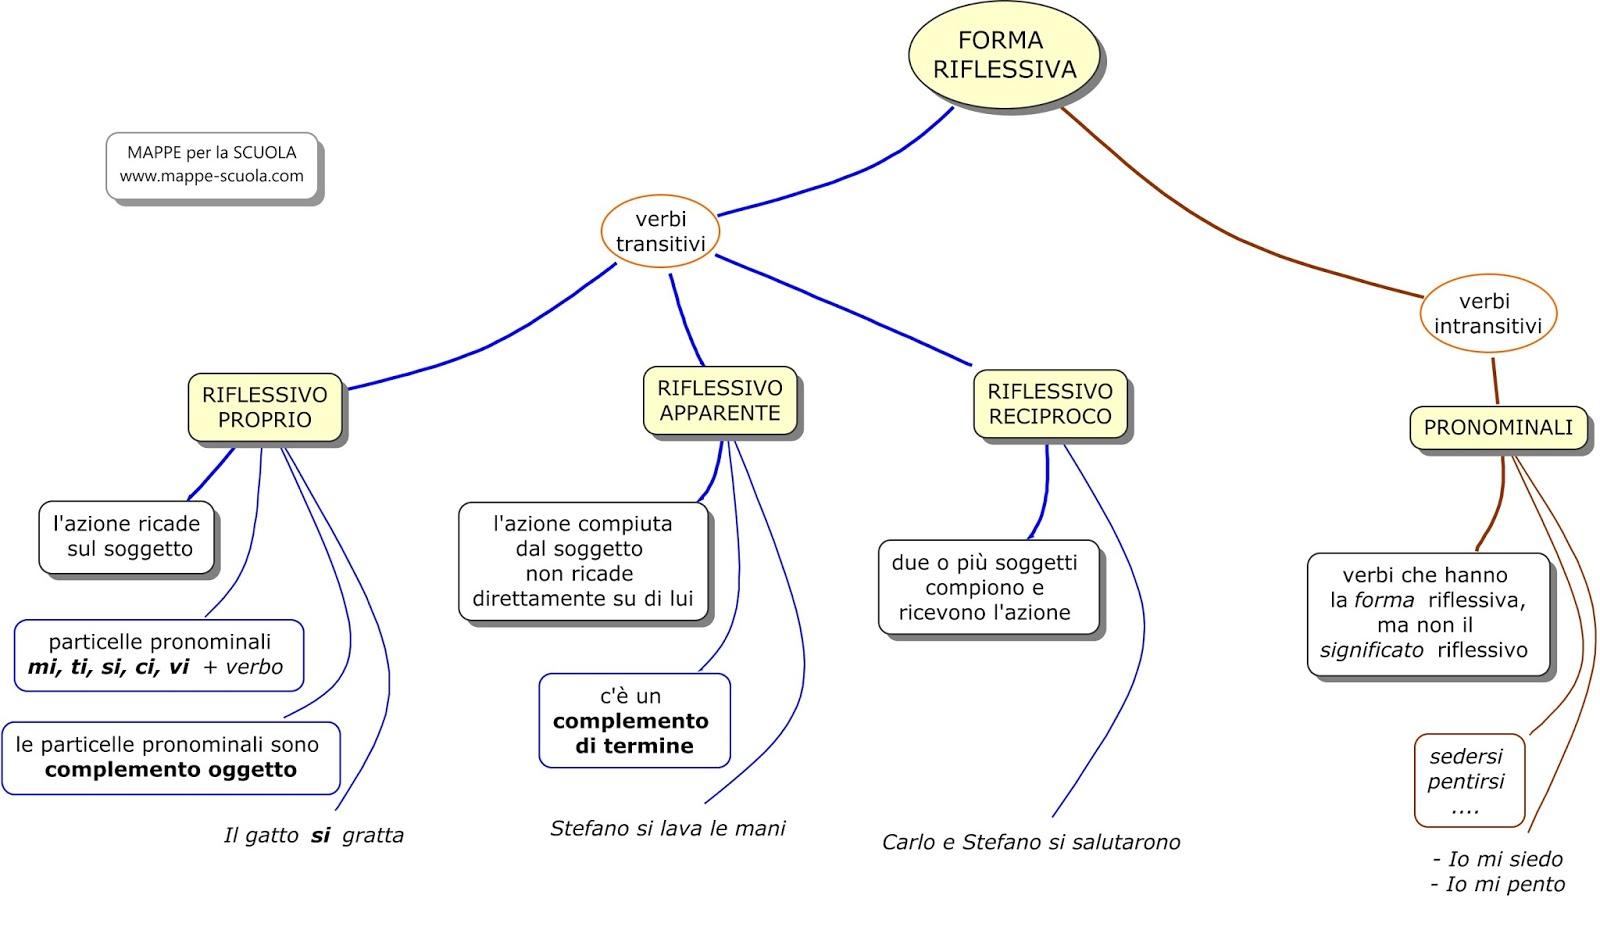 Mappe per la scuola forma riflessiva - Diversi analisi grammaticale ...